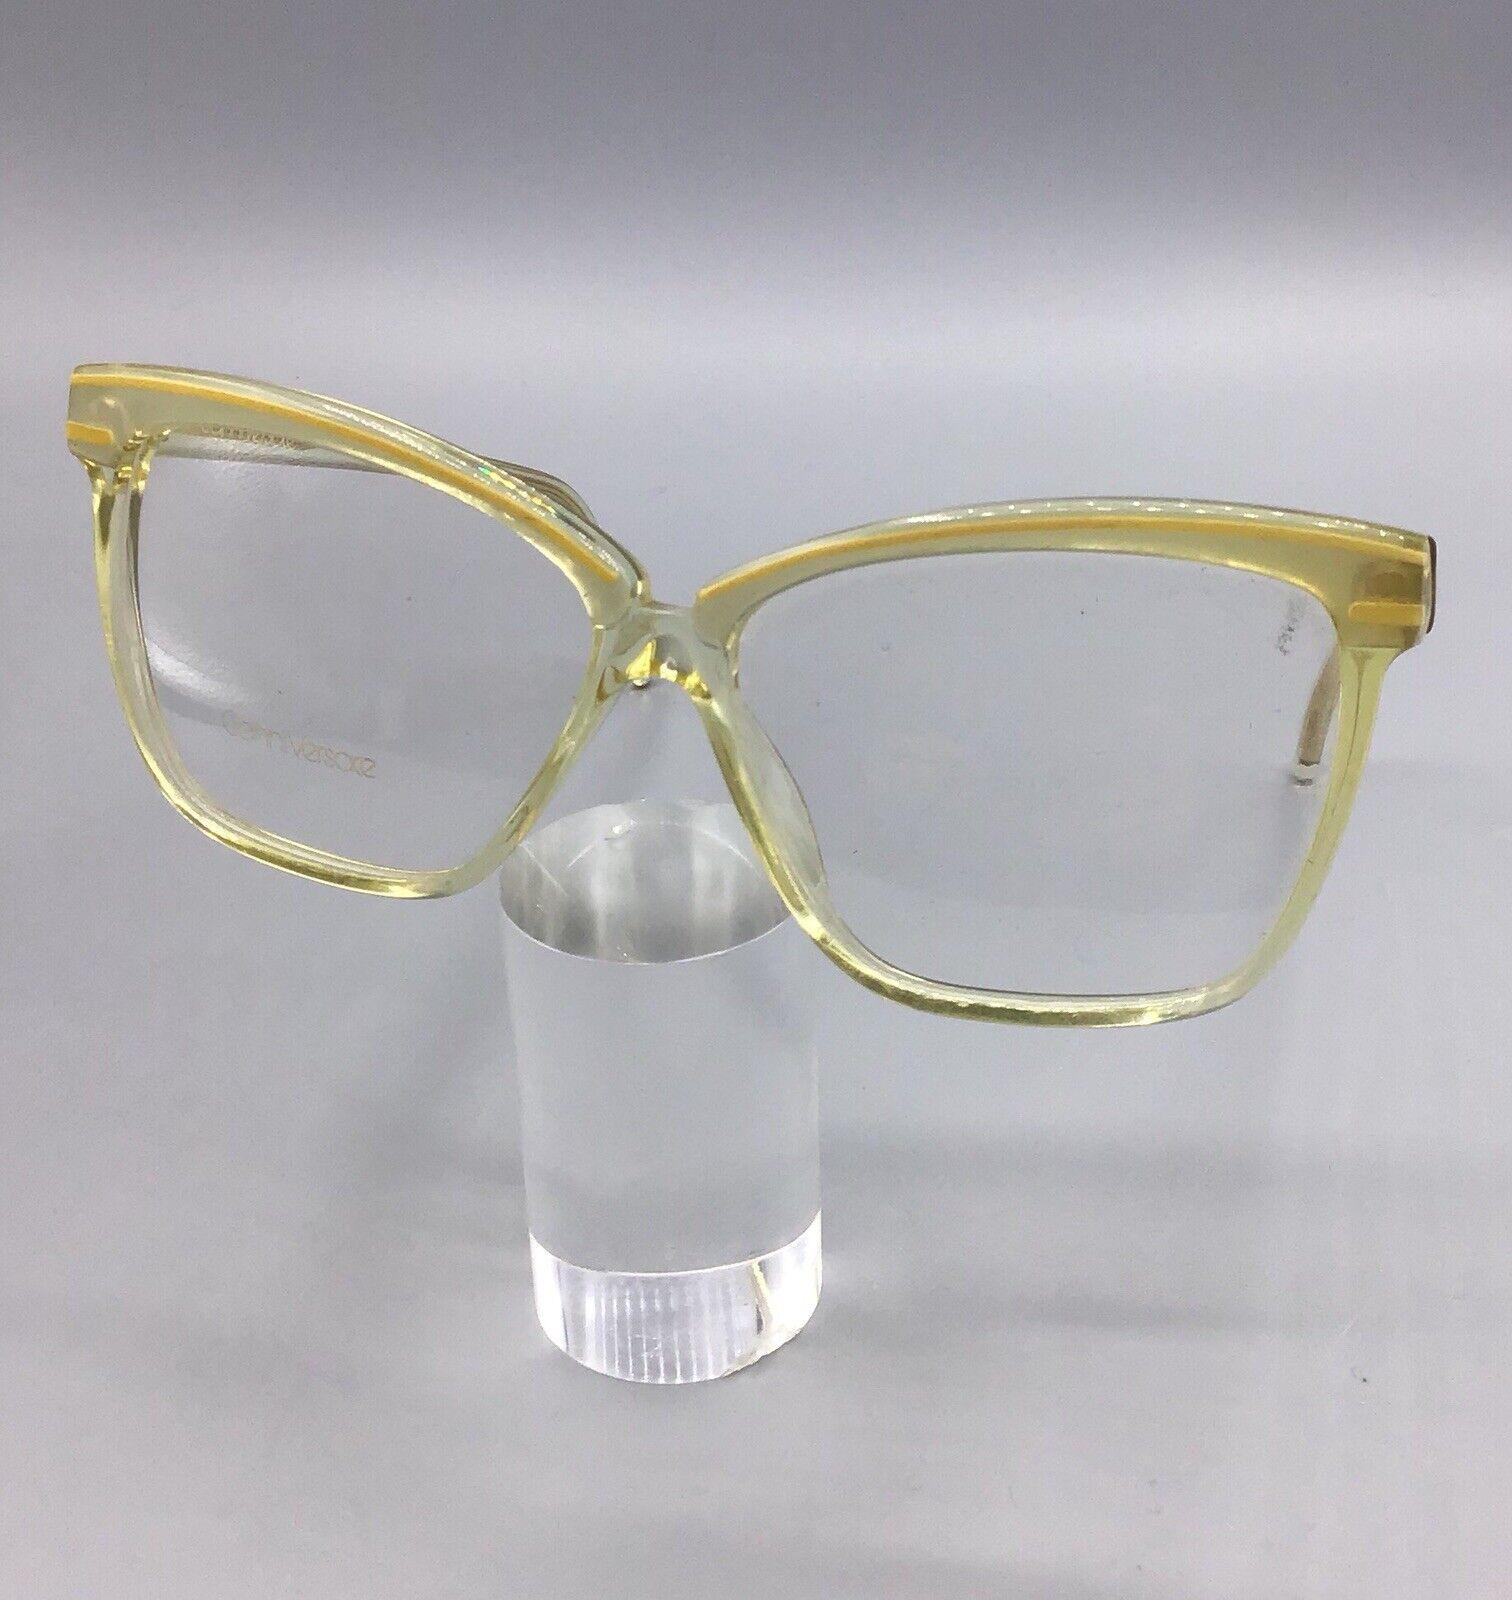 Versace 414 771 glasses vintage eyewear frame shine lunettes-show original title